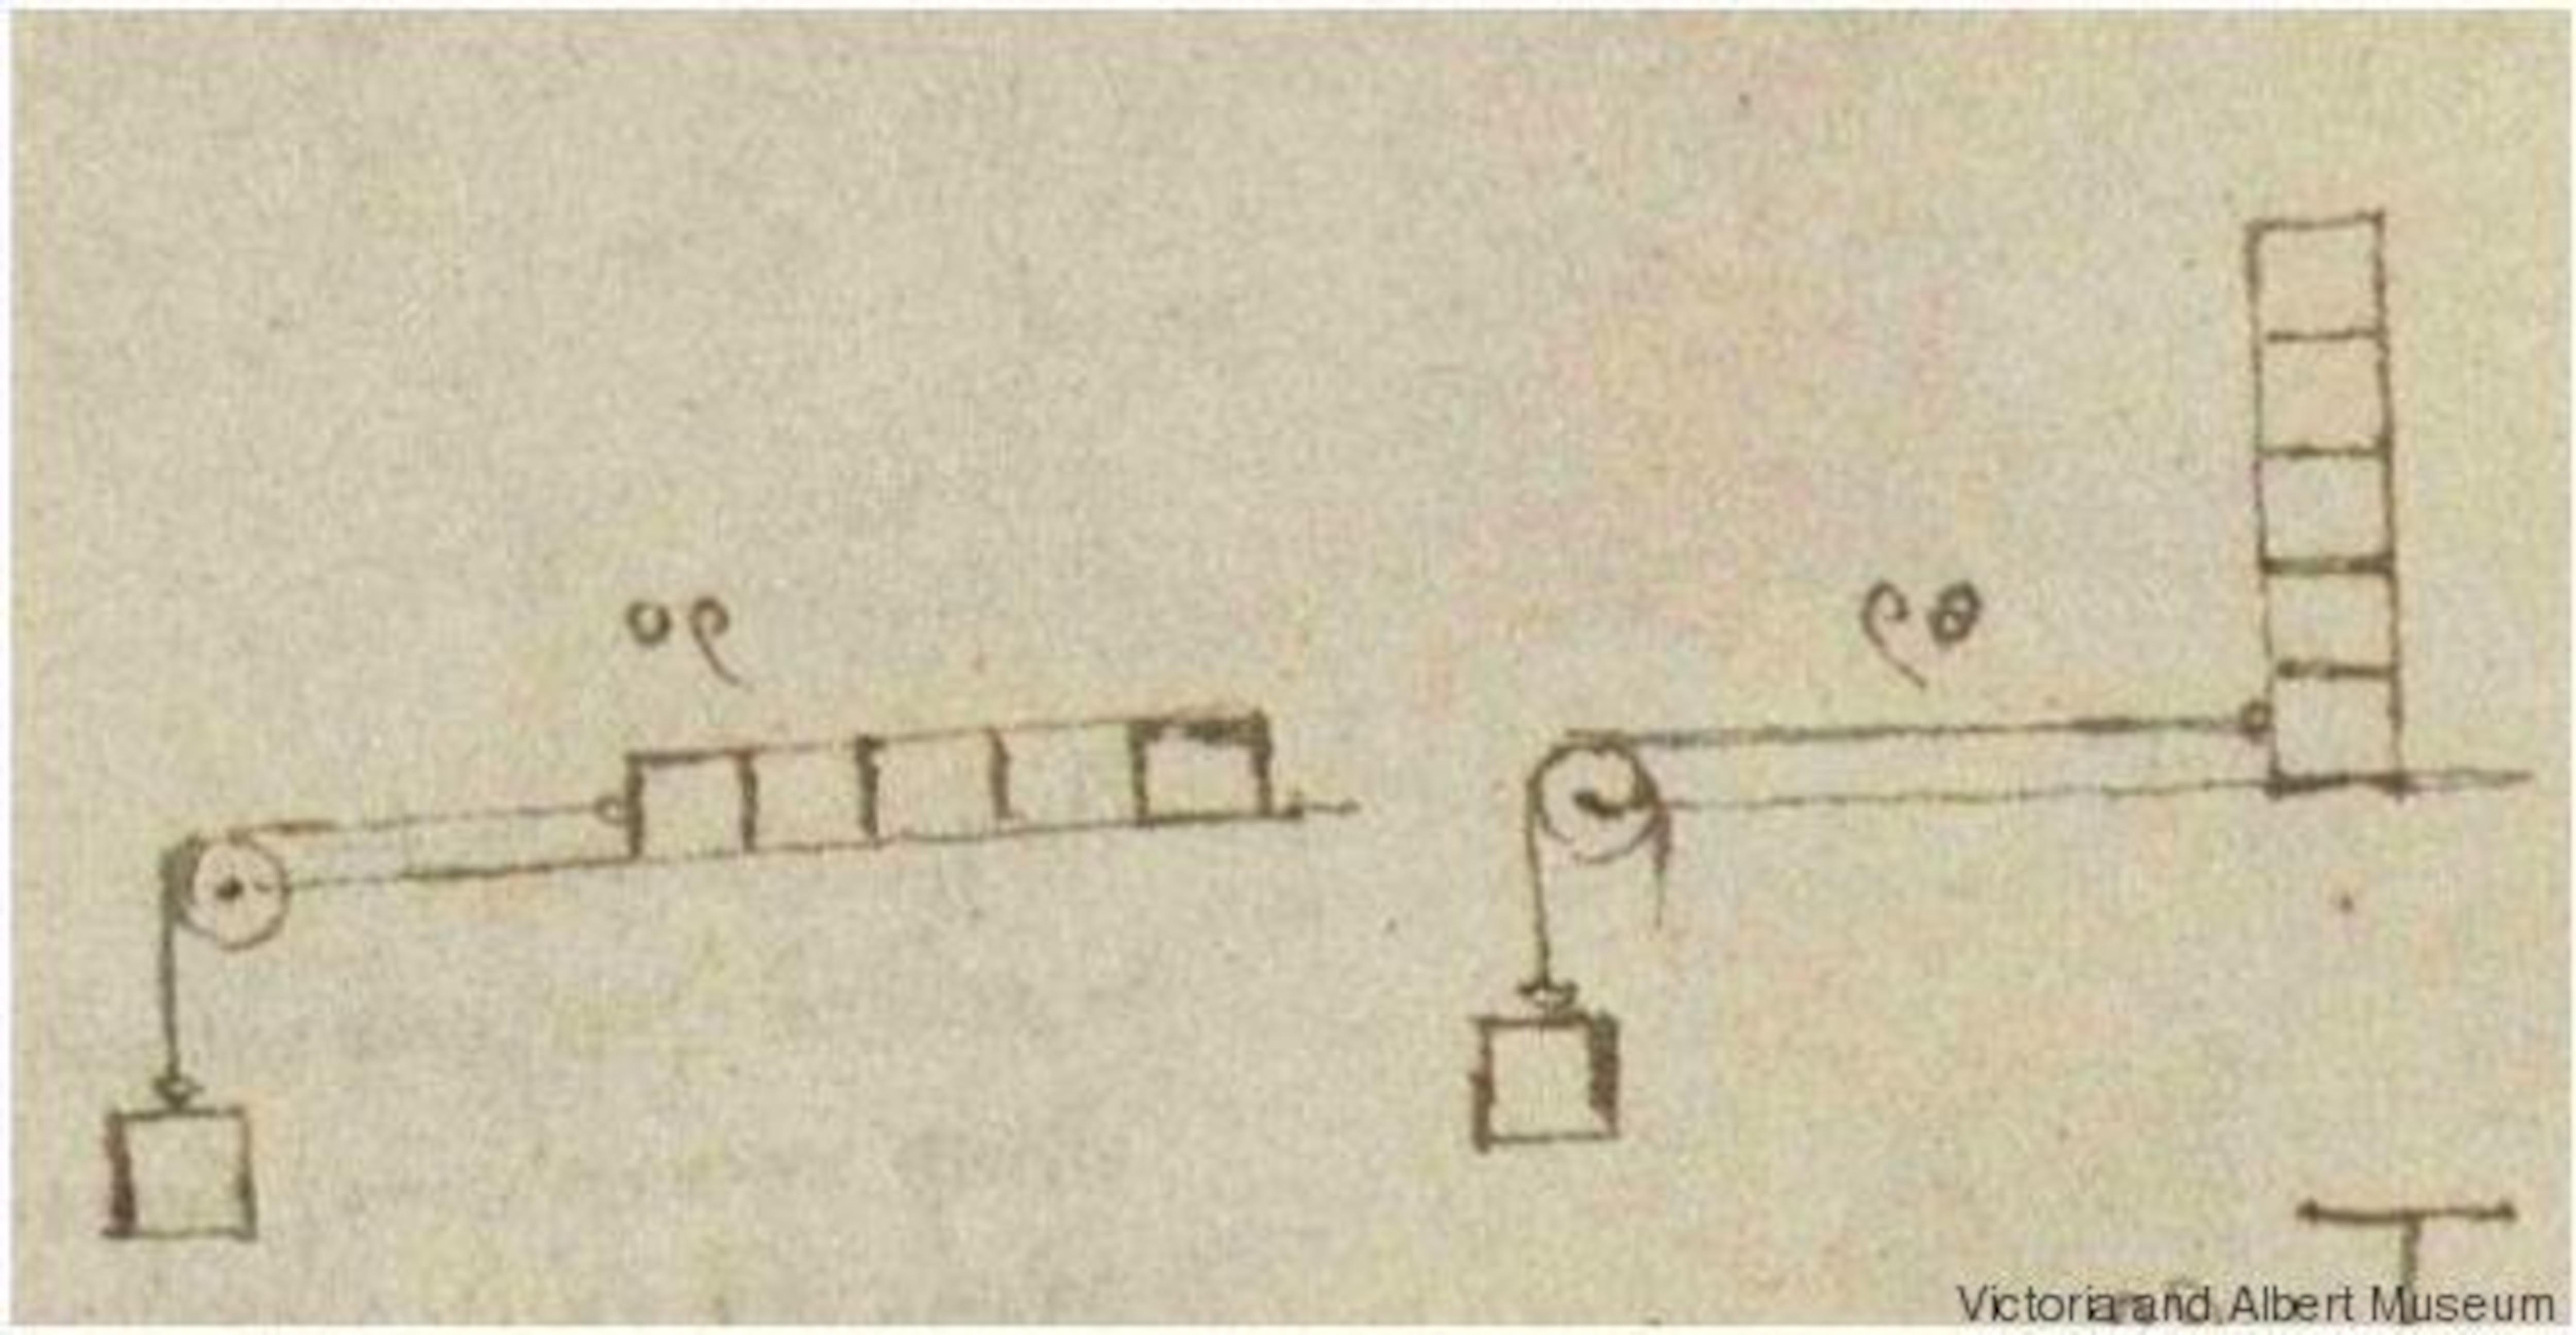 Un dessin montrant des poulies et une masse rectangulaire.